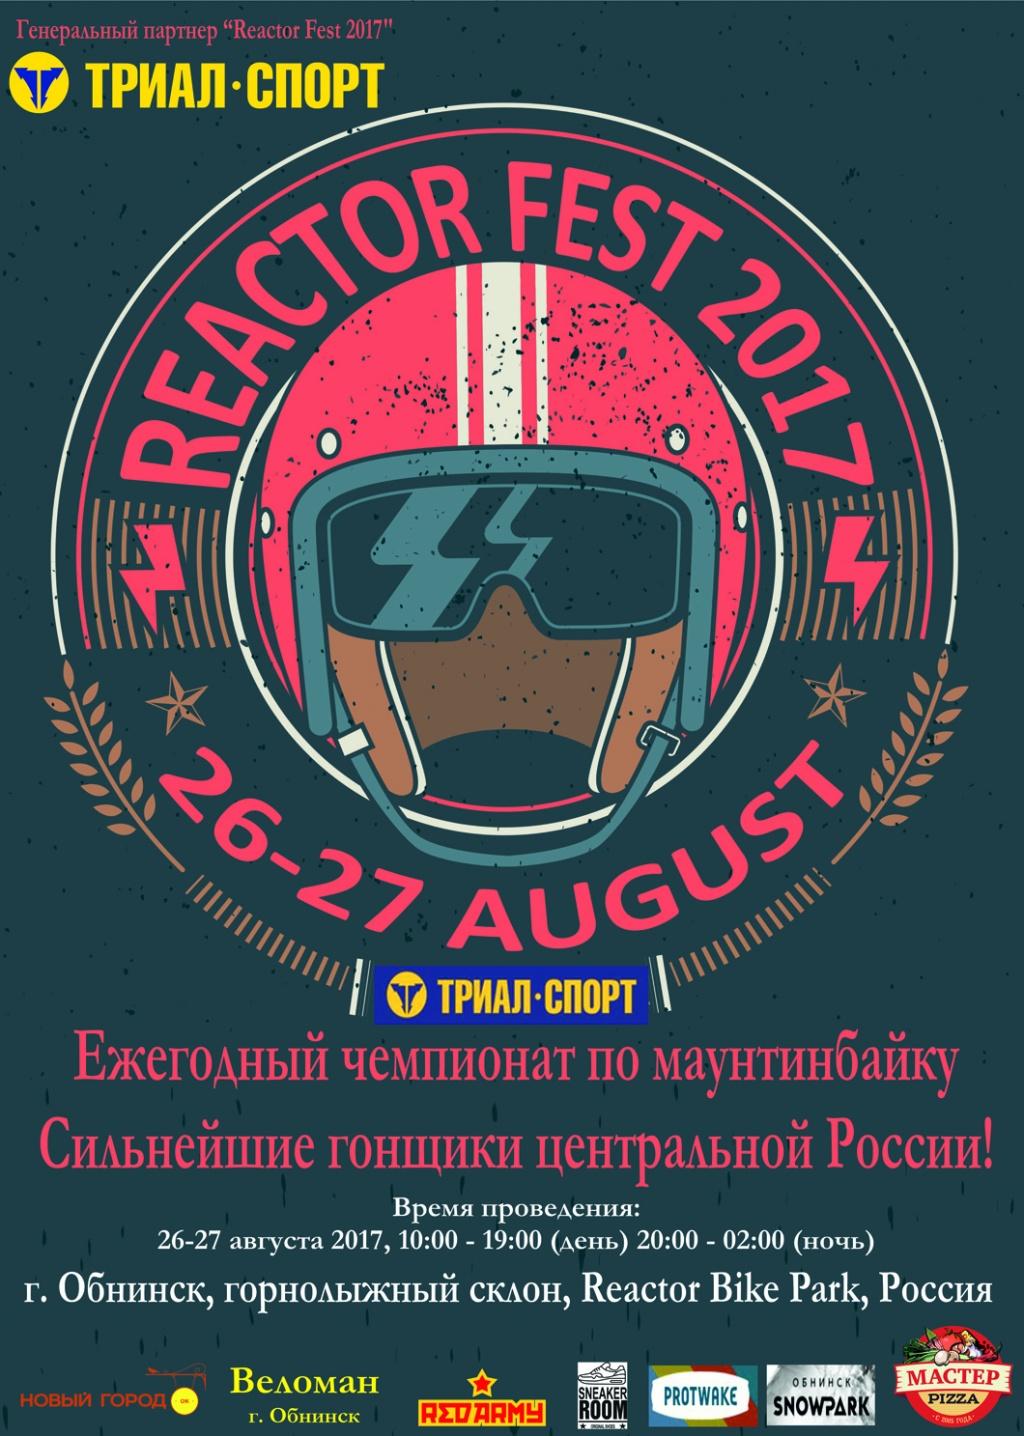 Блог им. NikitosRamone: Reactor Fest 2017 - уже на этих выходных!